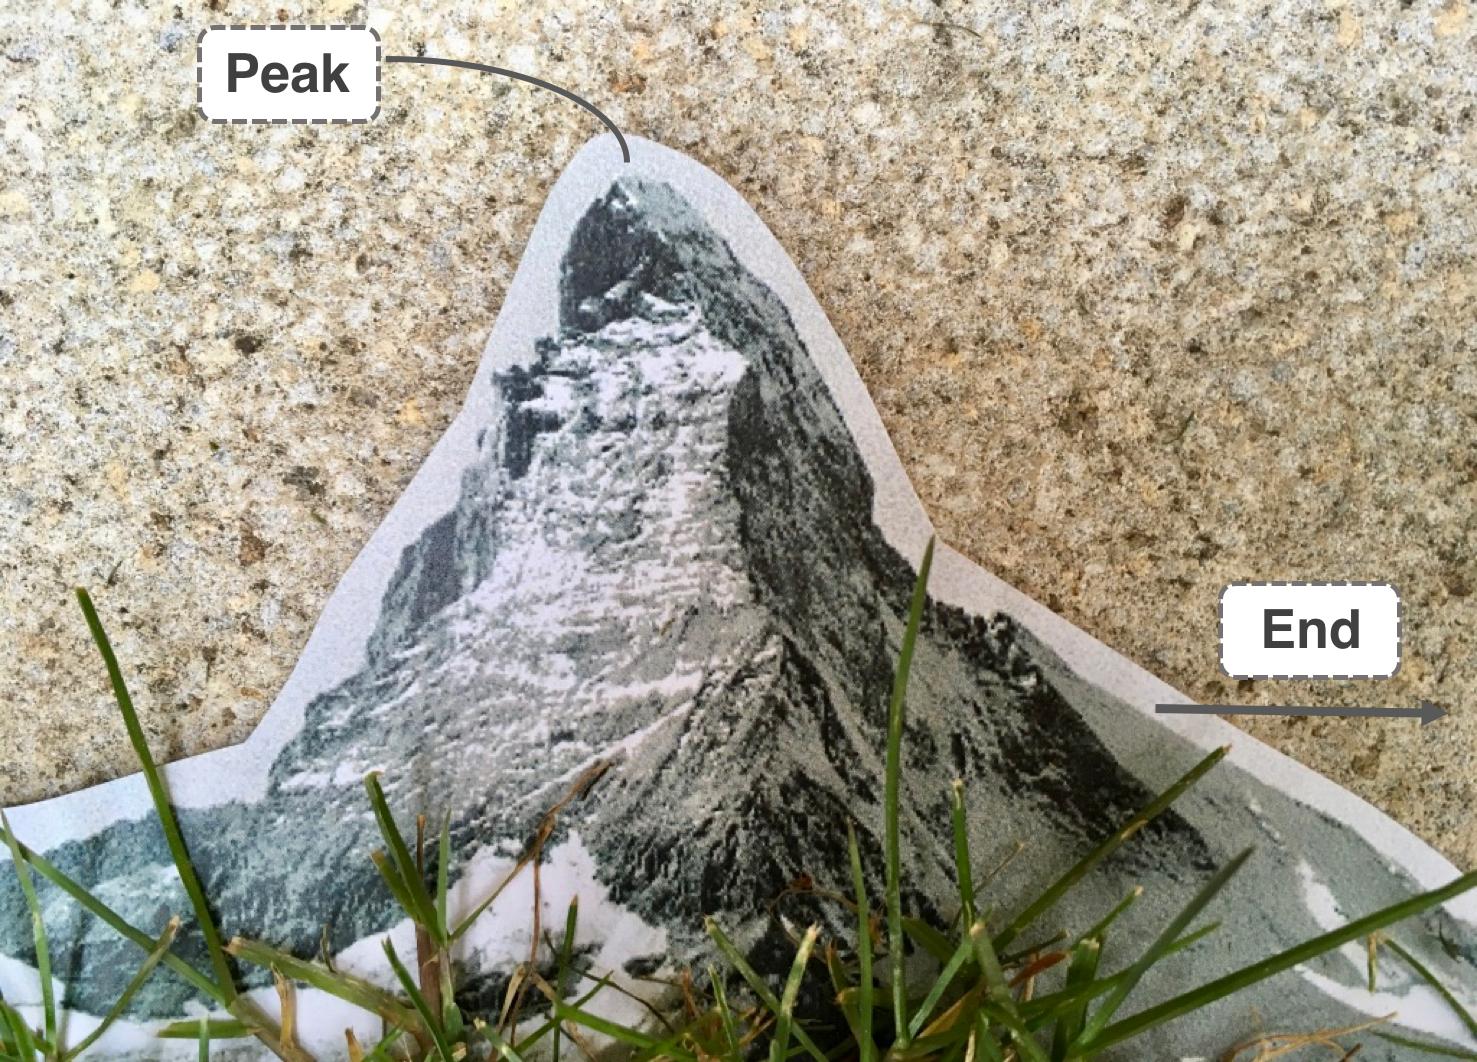 Peak End